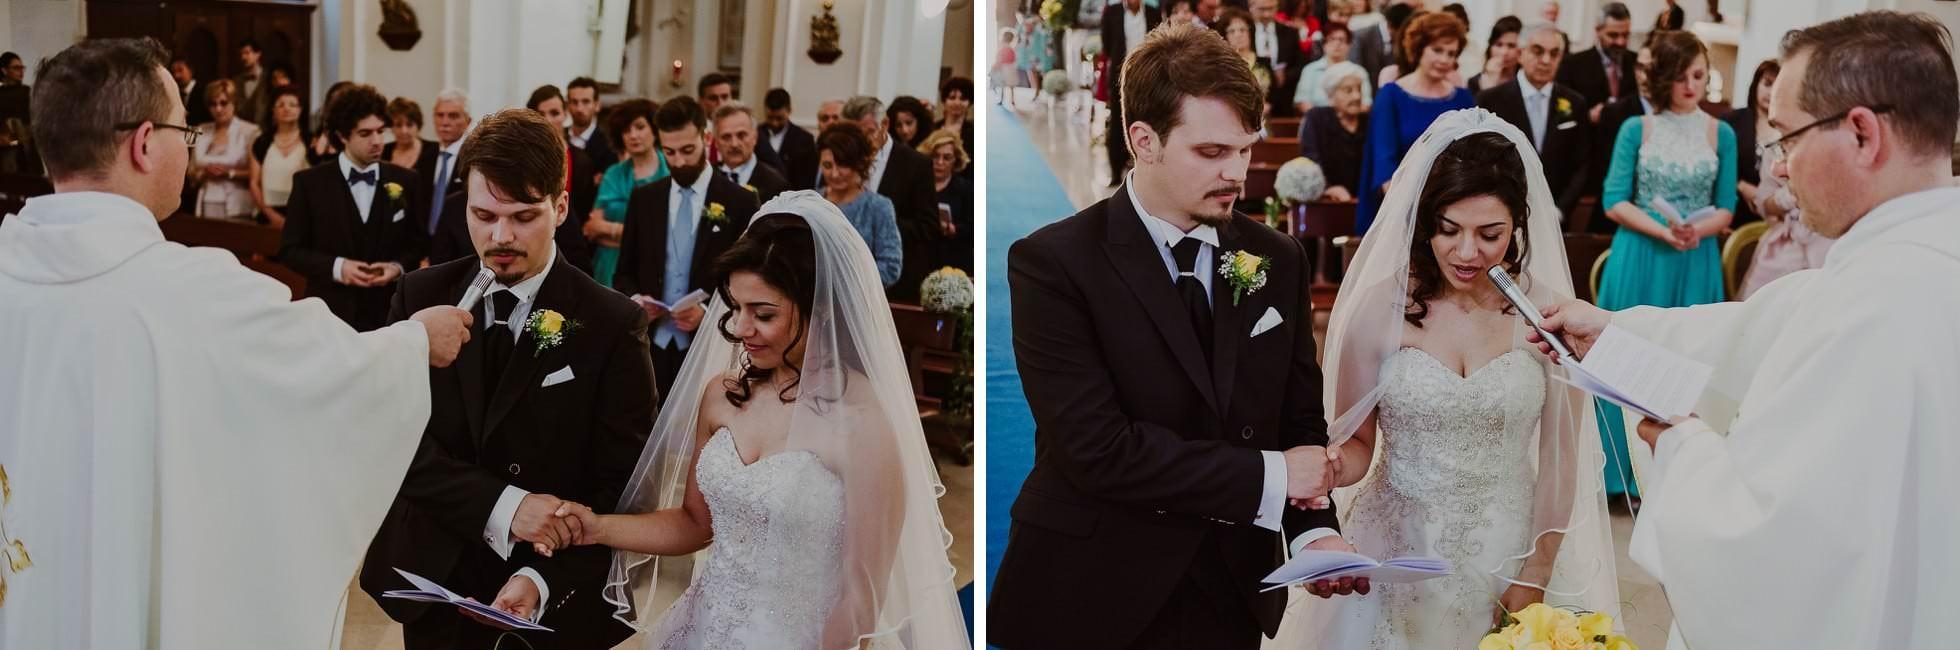 fotografo matrimonio vetri di potenza